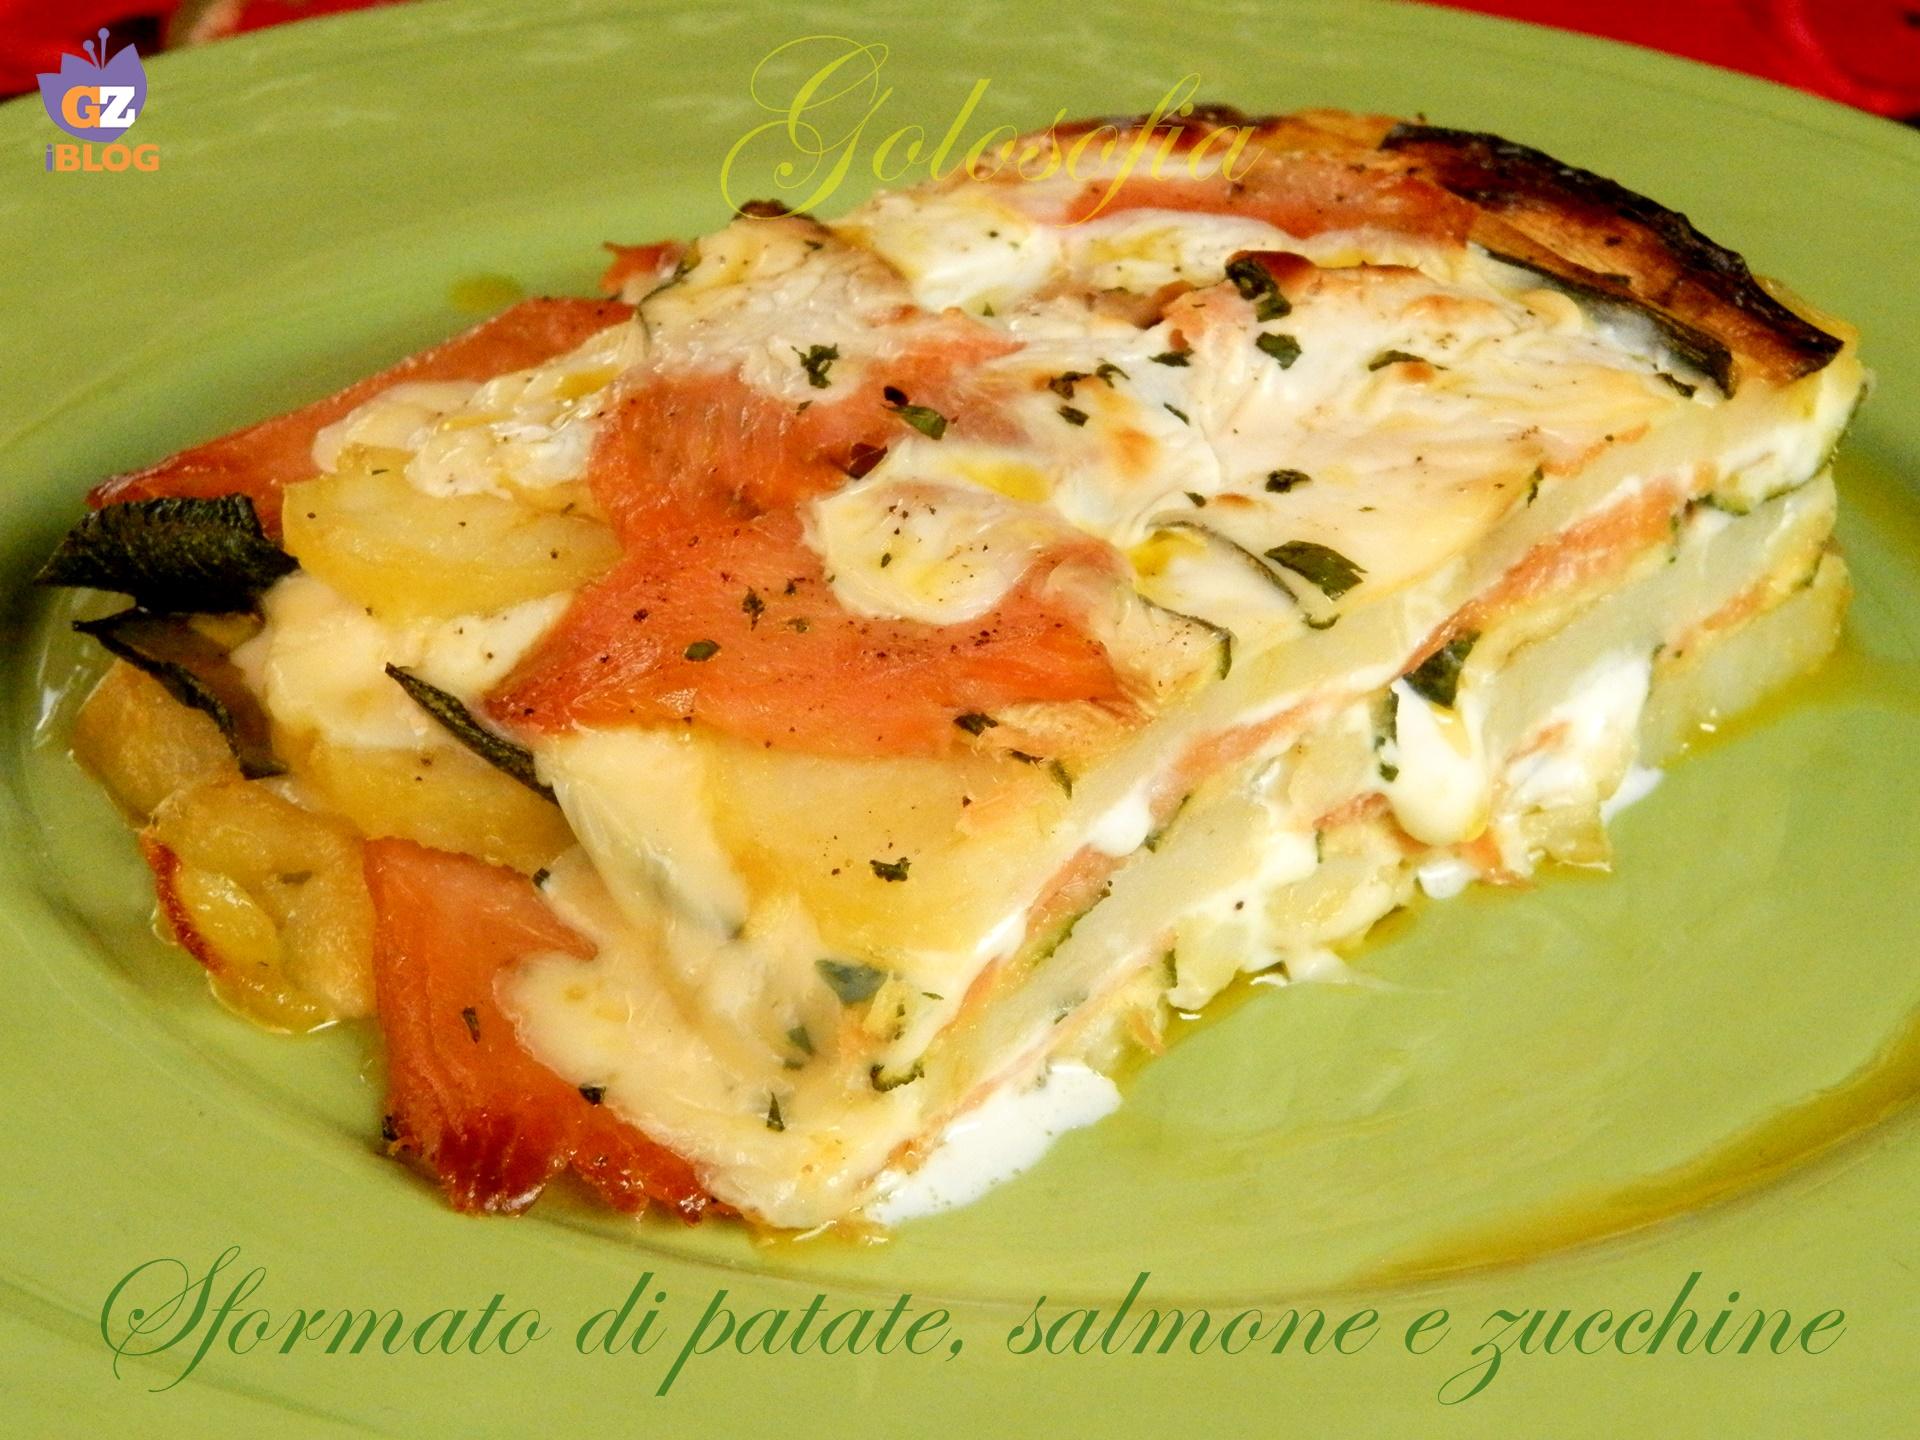 Sformato di patate, salmone e zucchine-ricetta piatti unici-golosofia